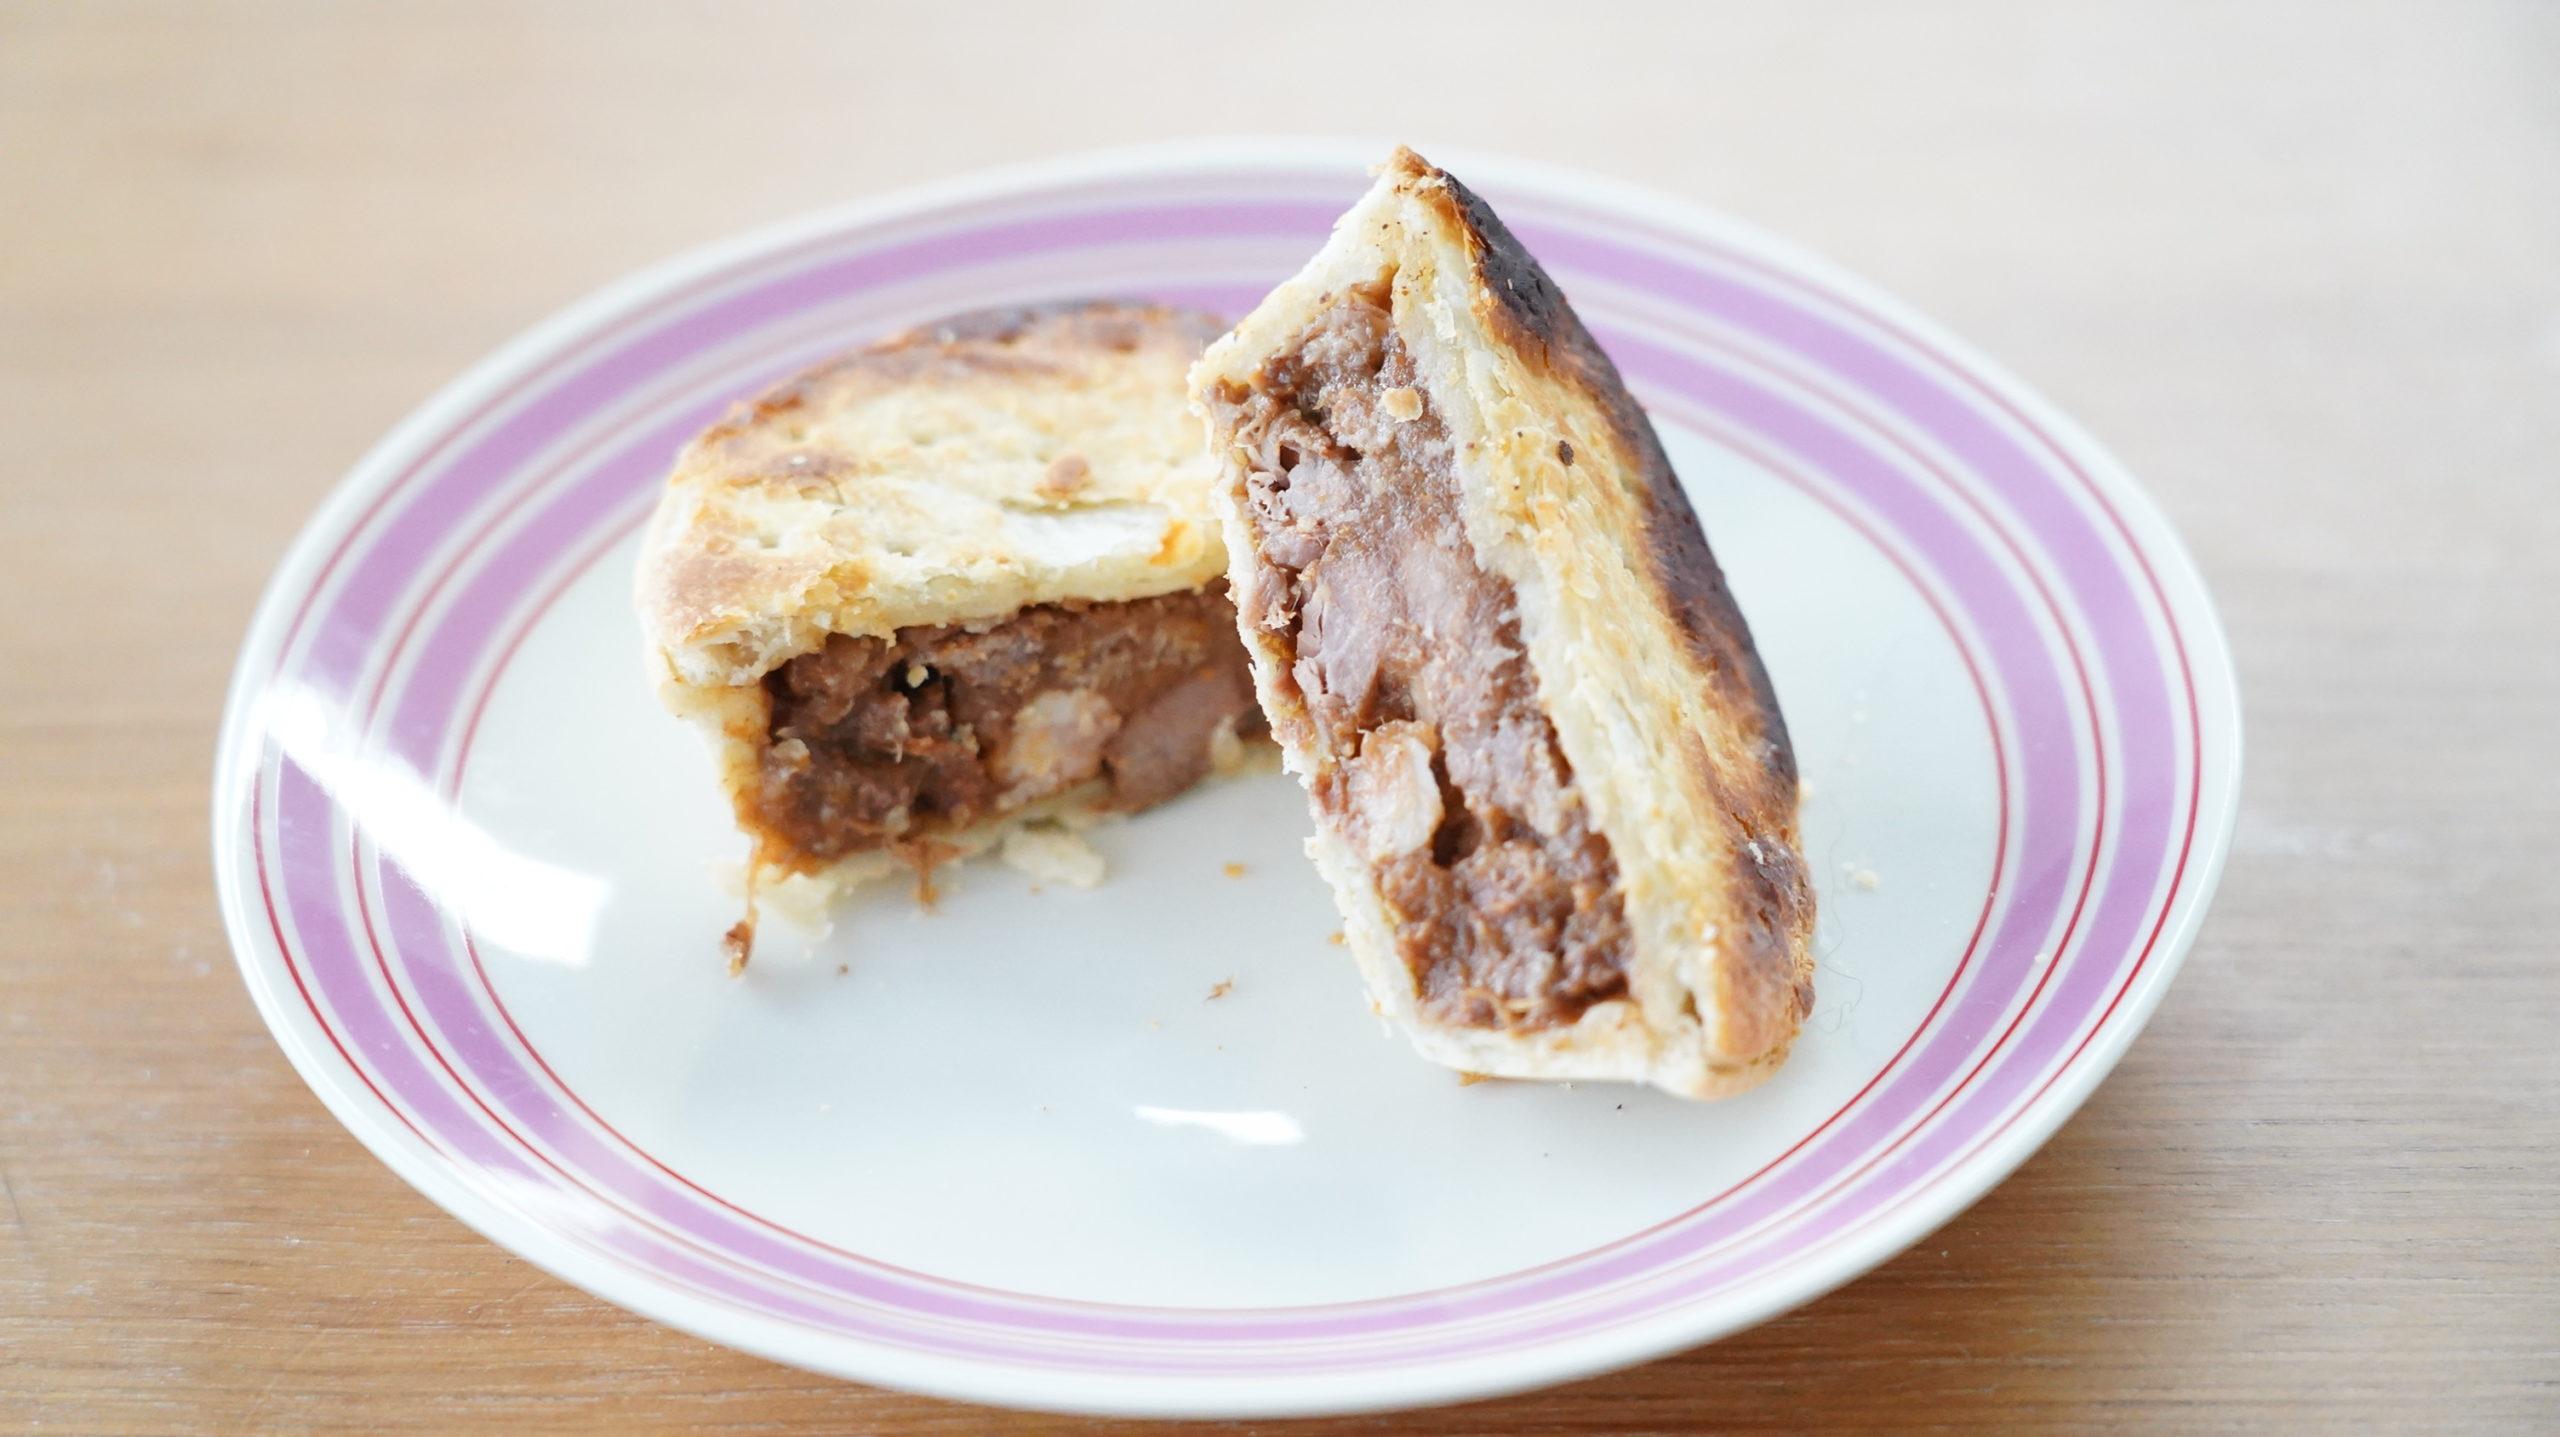 コストコの冷凍食品「アンガスビーフパイ」の断面の写真